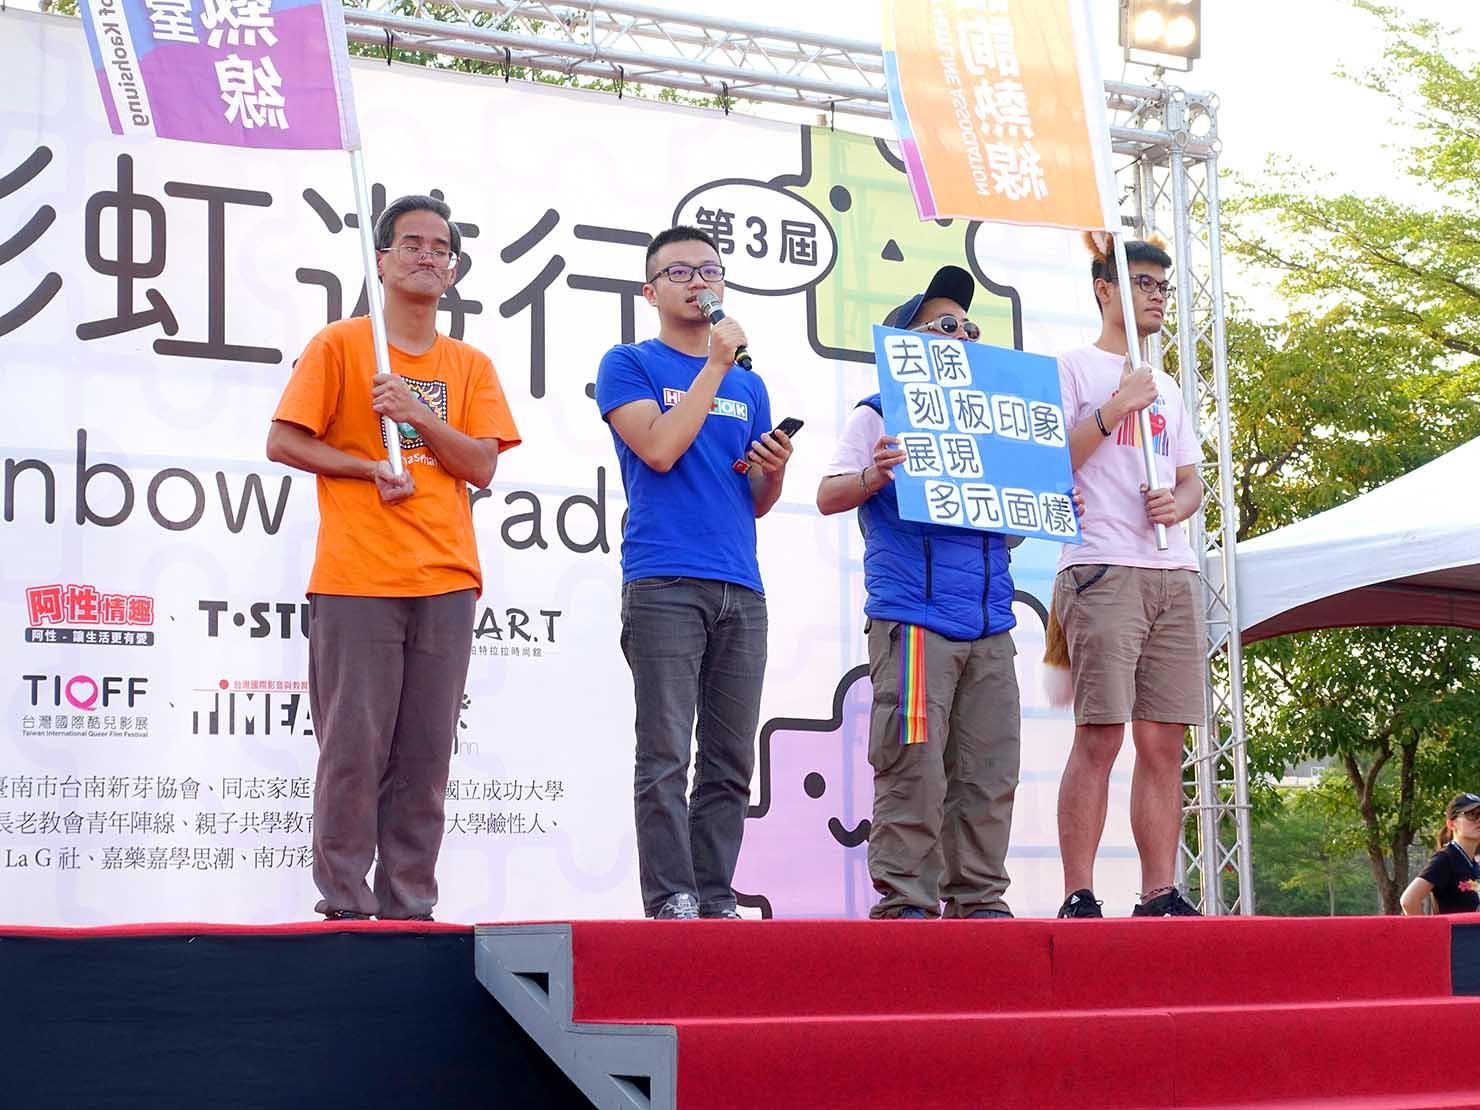 2018年台湾最初のLGBTプライド「台南彩虹遊行(台南レインボーパレード)」ステージでスピーチを行う参加団体